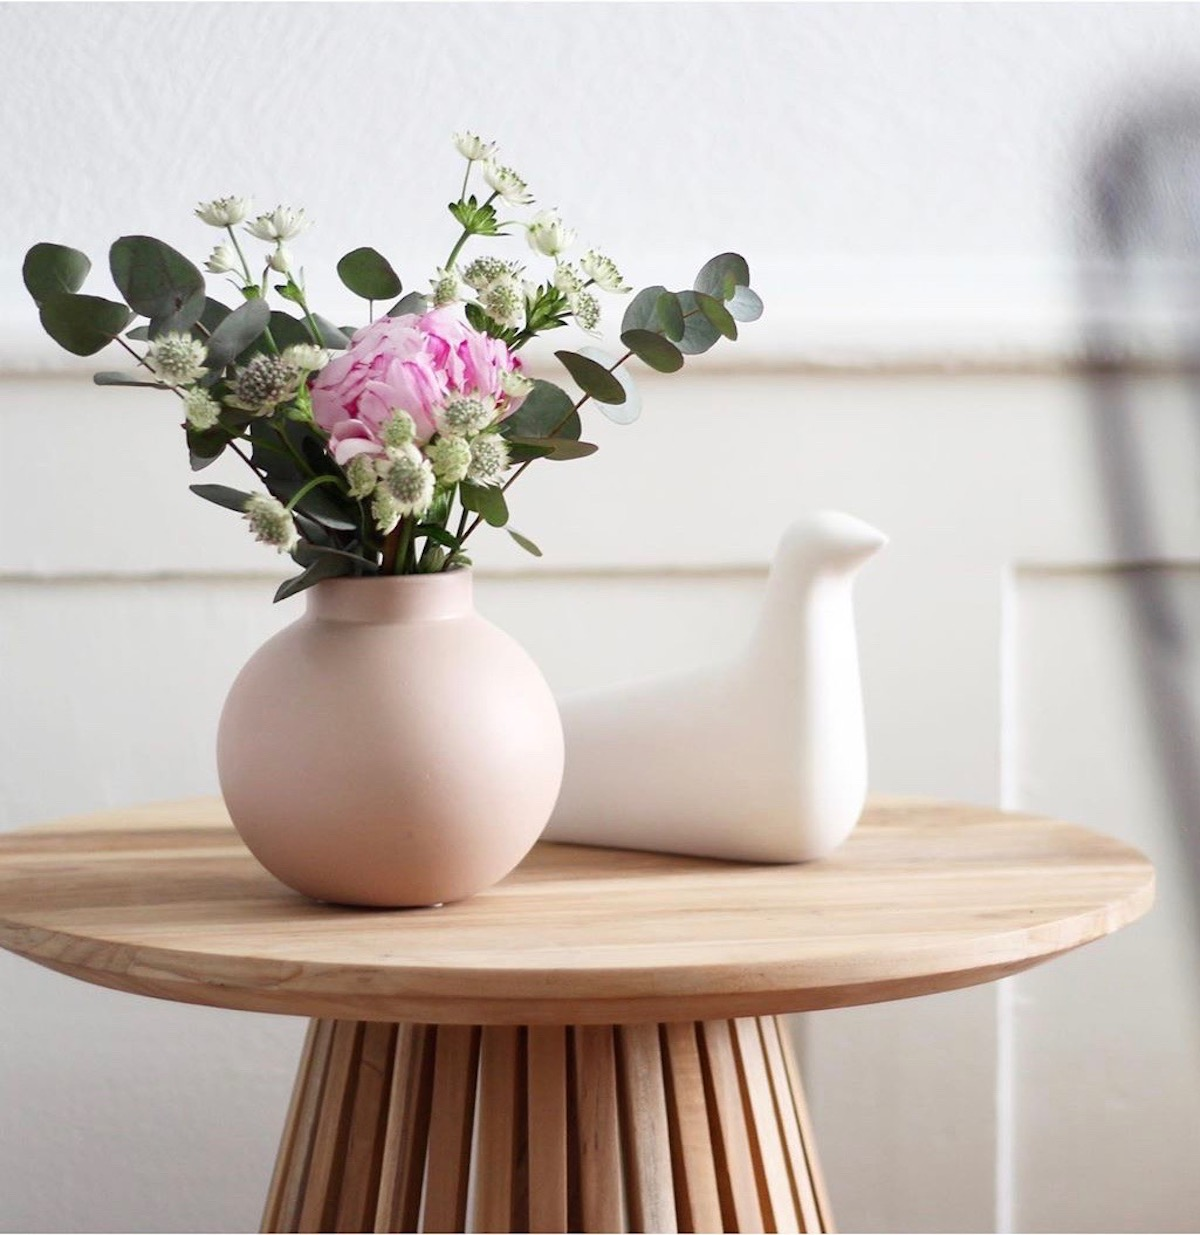 table basse bois pot de fleur vase rond rose eucalyptus oiseau vitra blanc - blog clematc